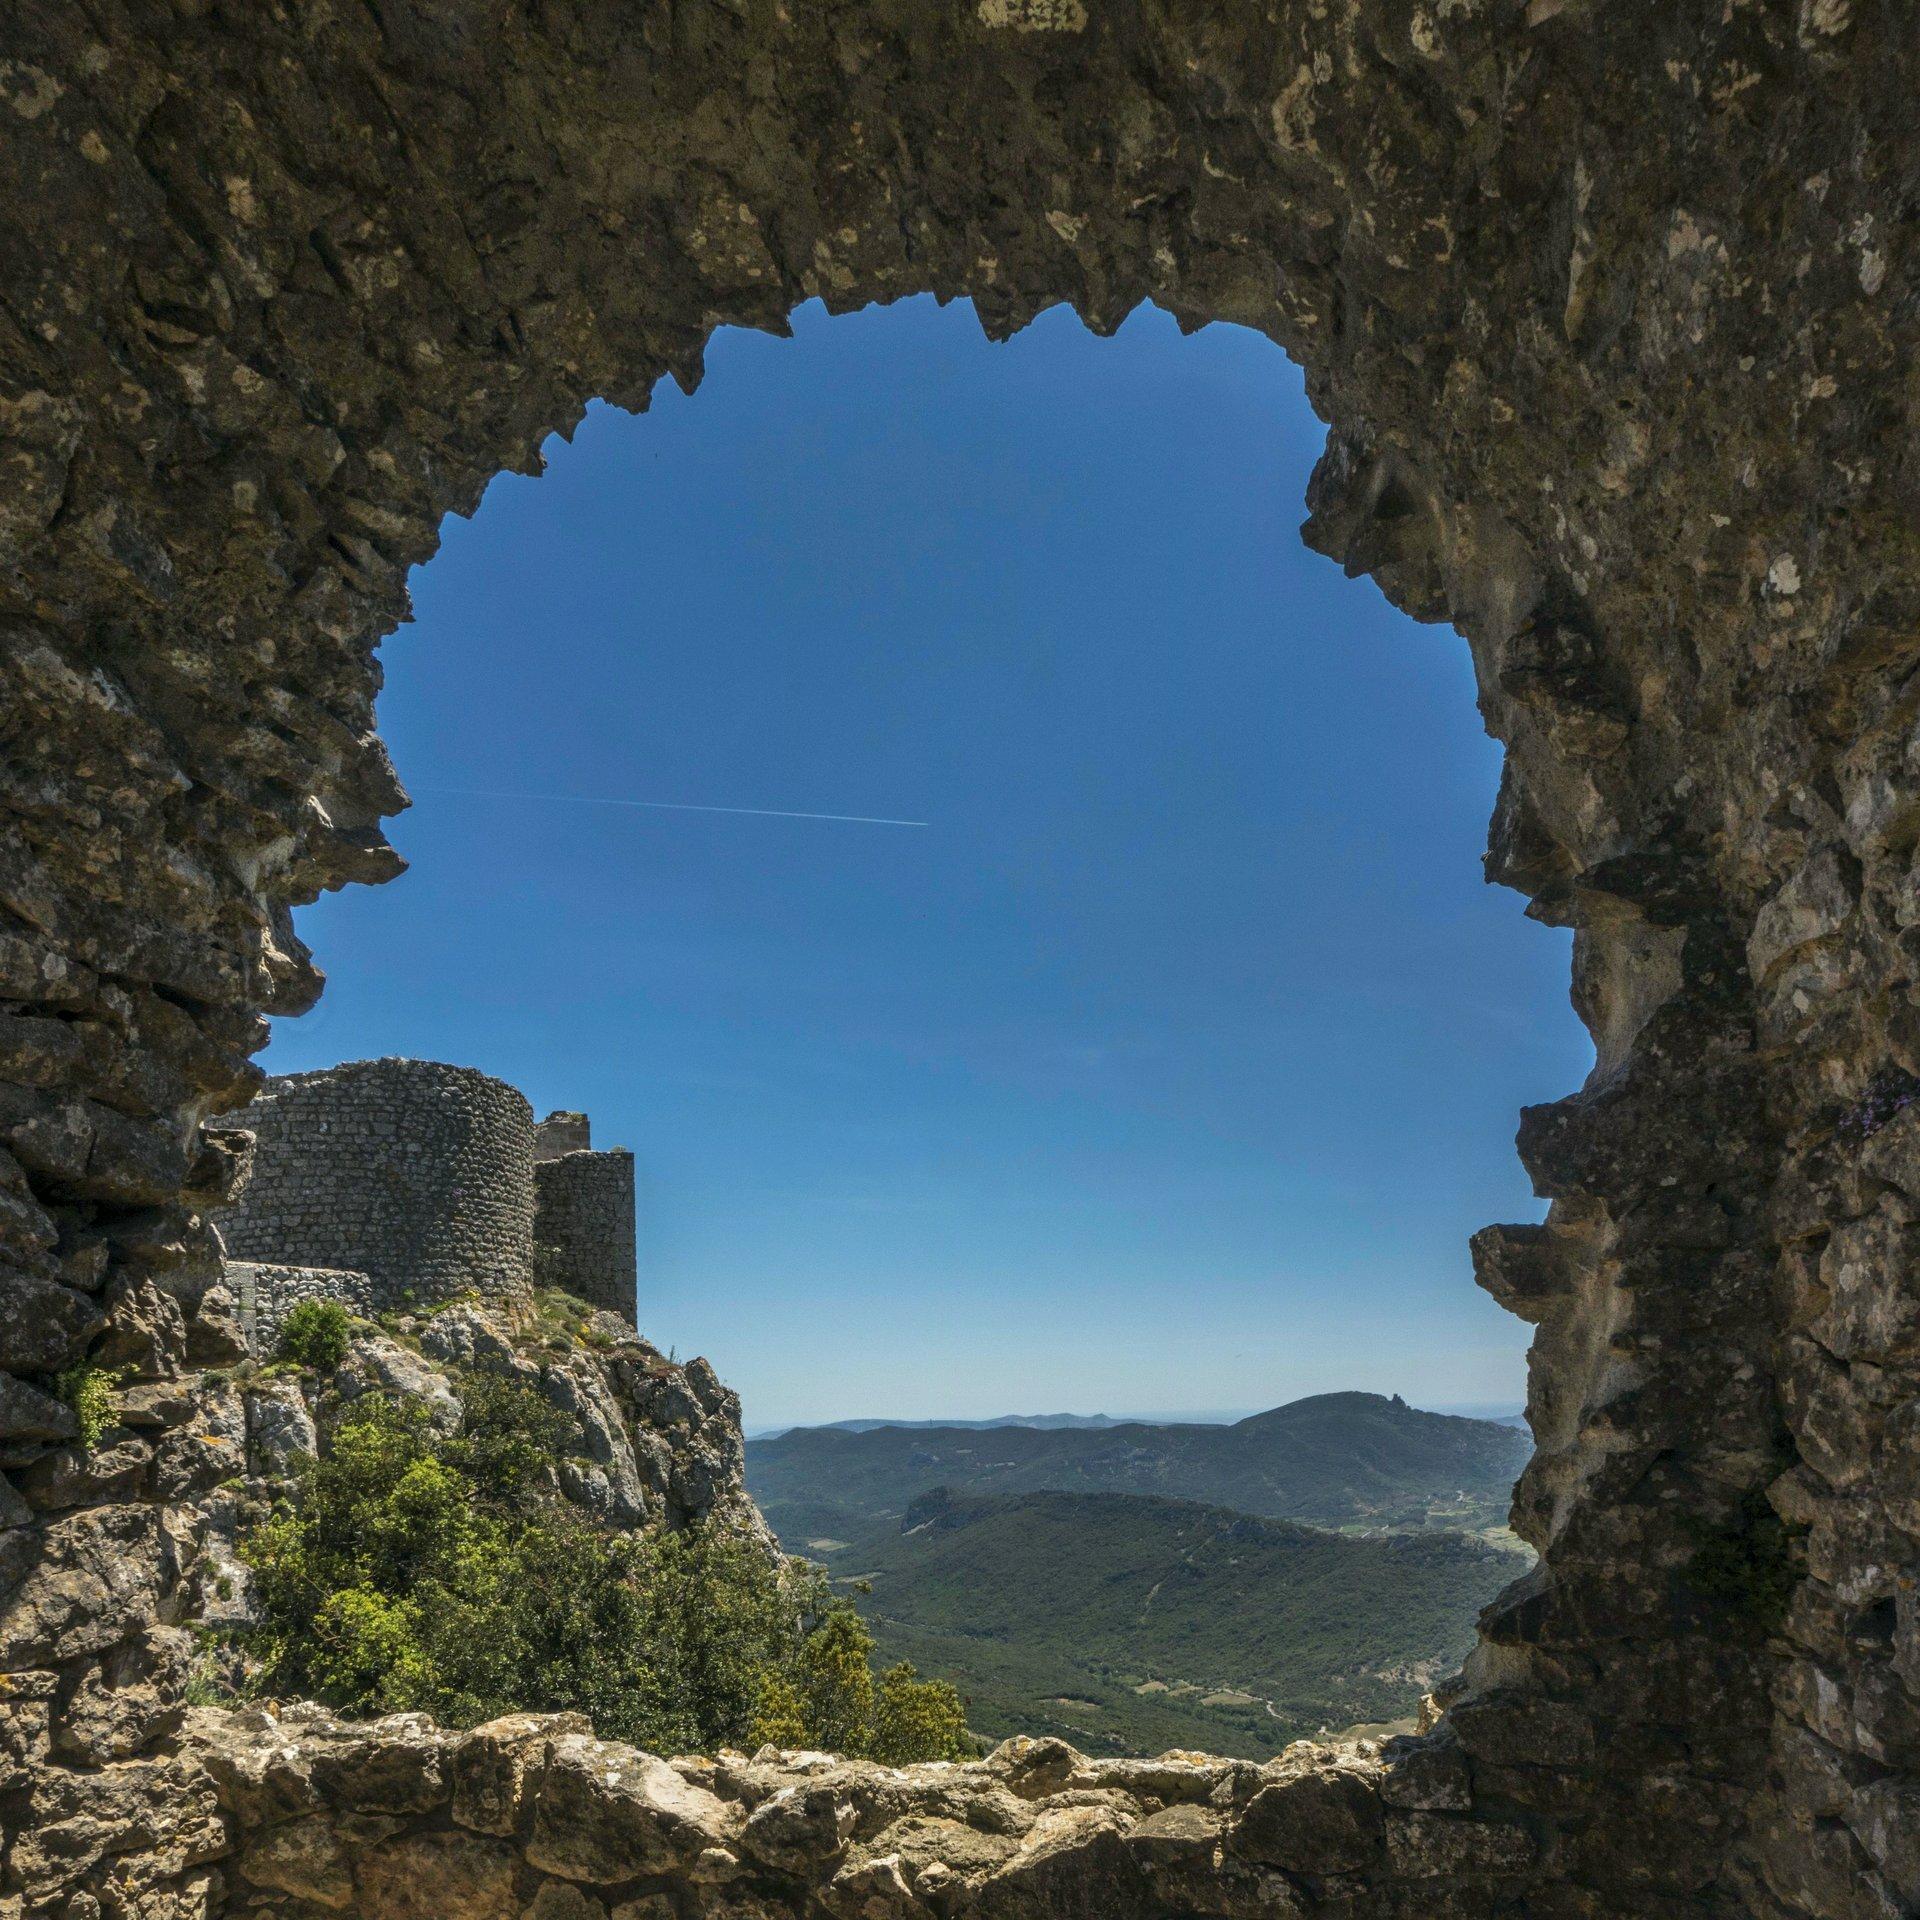 Fensterblick von der mittleren Ringmauer auf den Donjon der unteren Burg von Château de Peyrepertuse und auf Château de Quéribus